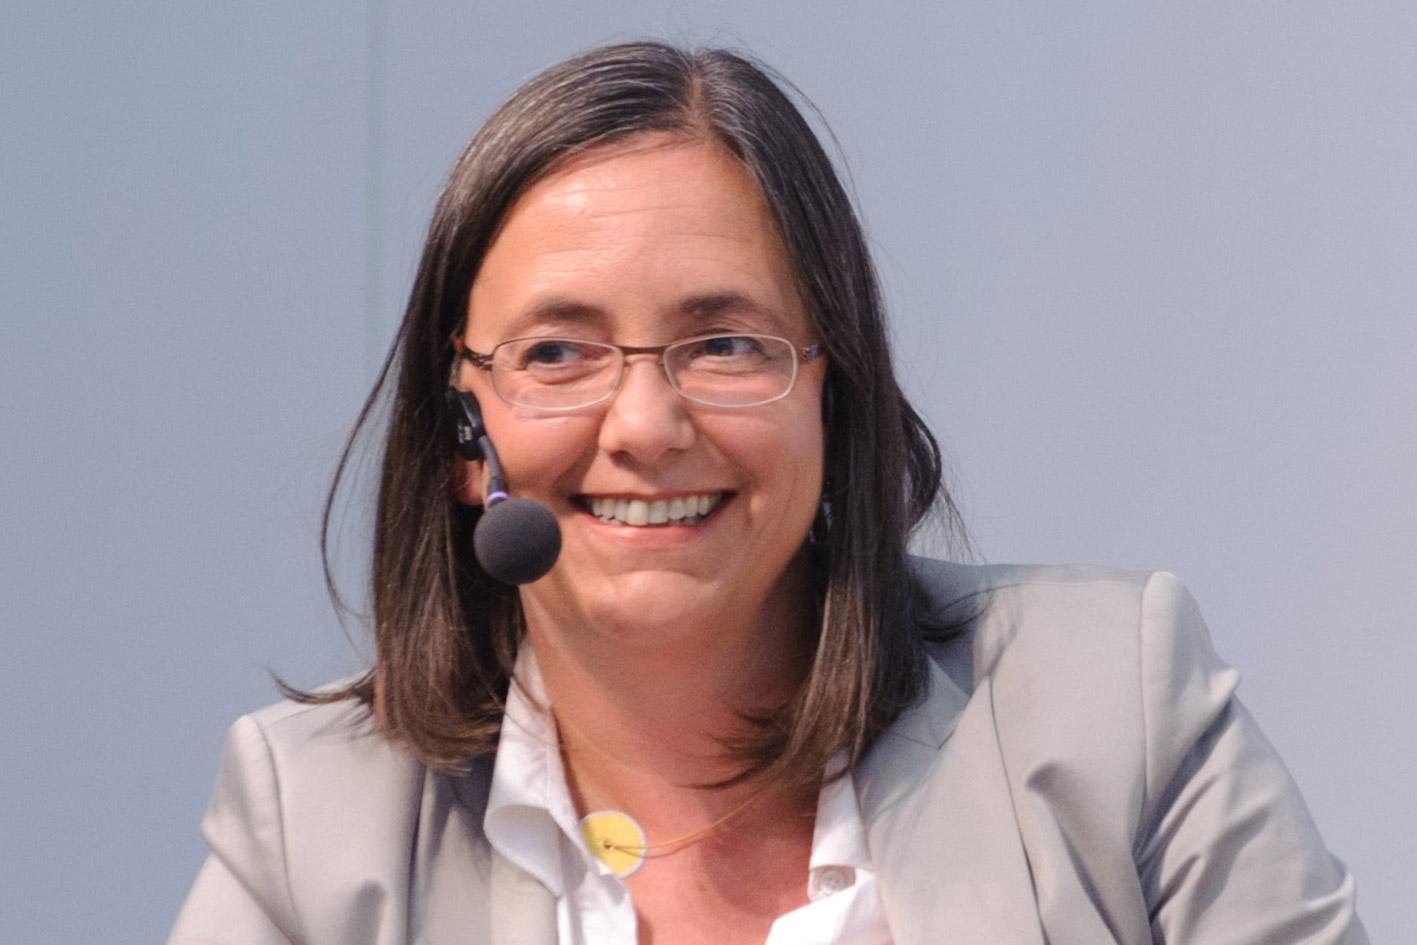 <b>Kerstin Müller</b> - kerstinmueller